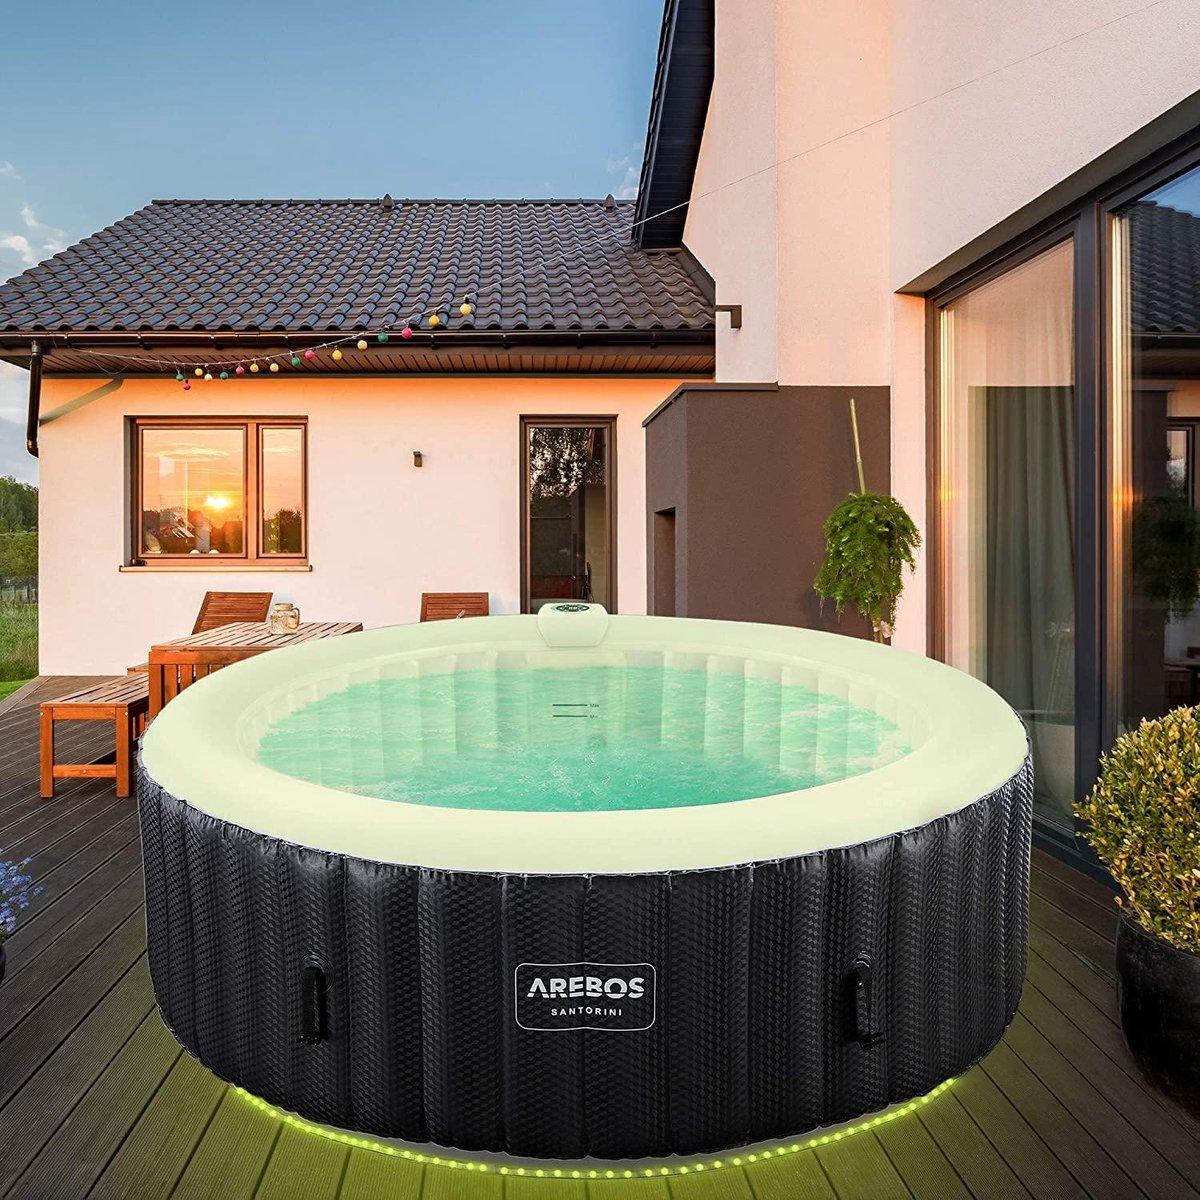 |bubbelbad| jacuzzi|jacuzzi opblaasbaar|Whirlpool Santorini | automatisch opblaasbaar | In & Outdoor | 6 personen | LED lichtband | 130 massagejets | 1000 liter | Incl. afdekking | Bubble Spa & Wellness